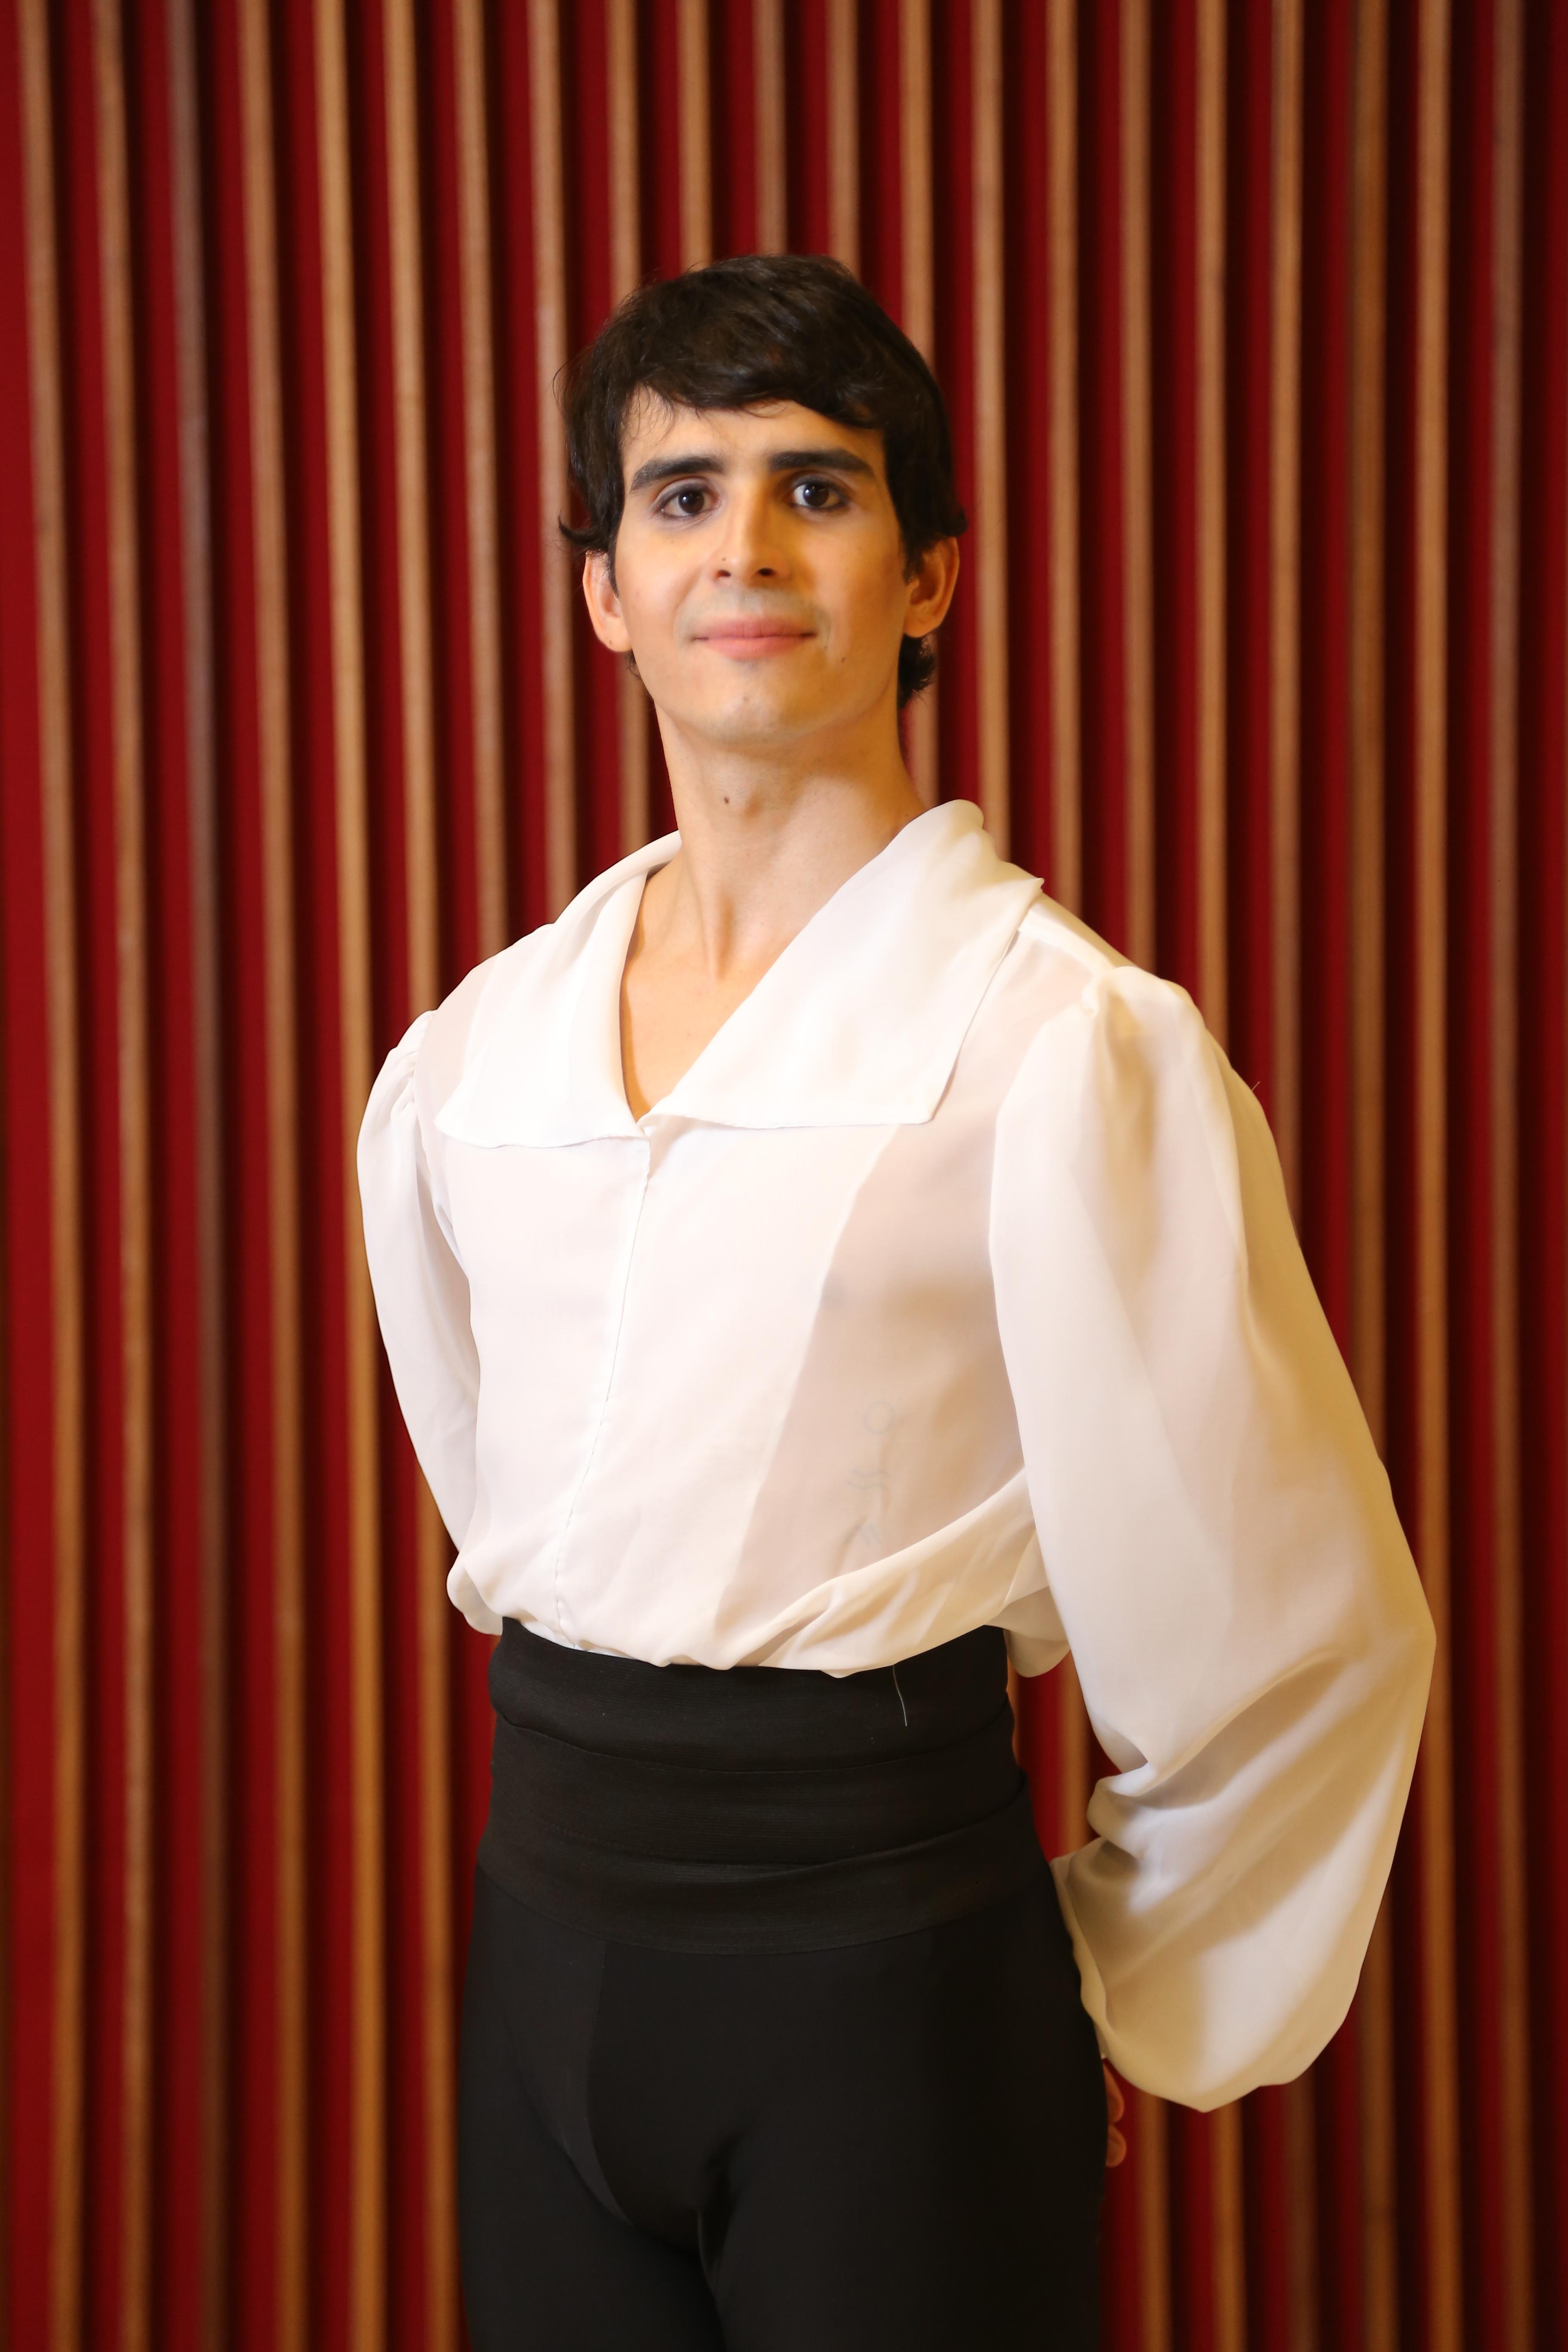 Maurício Zarzar